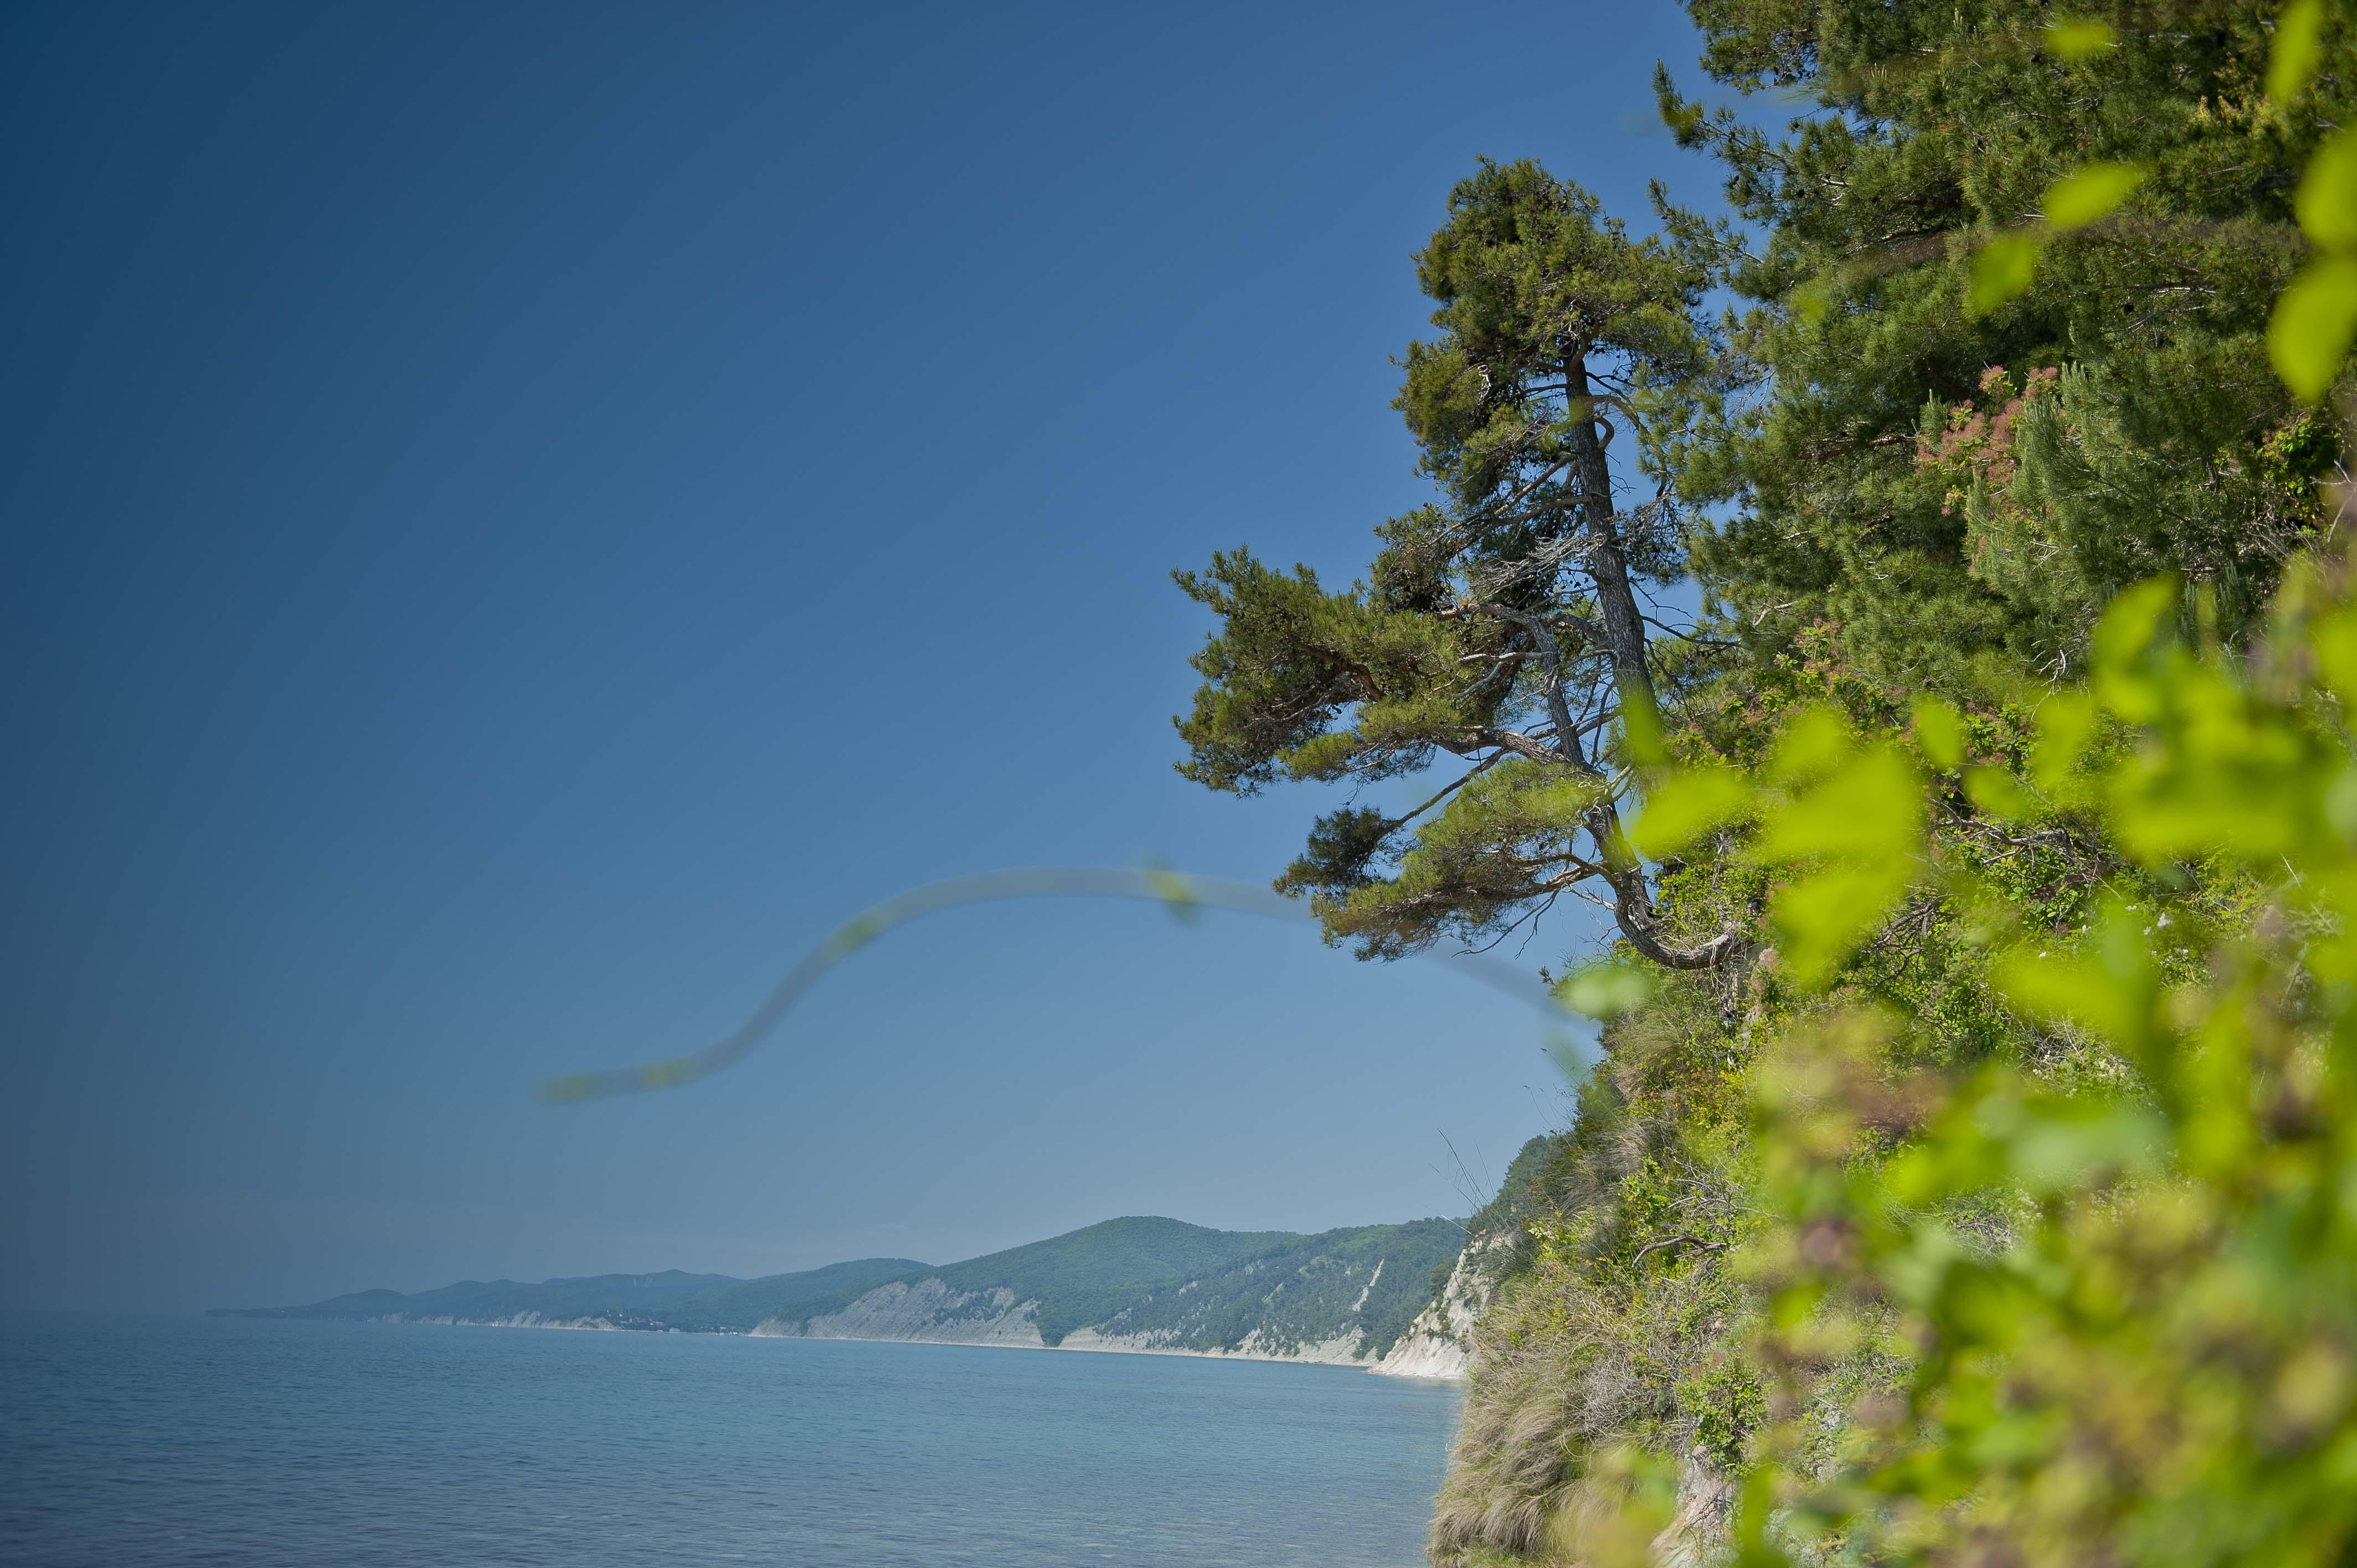 Базы отдыха бухта инал фото пляжа и поселка